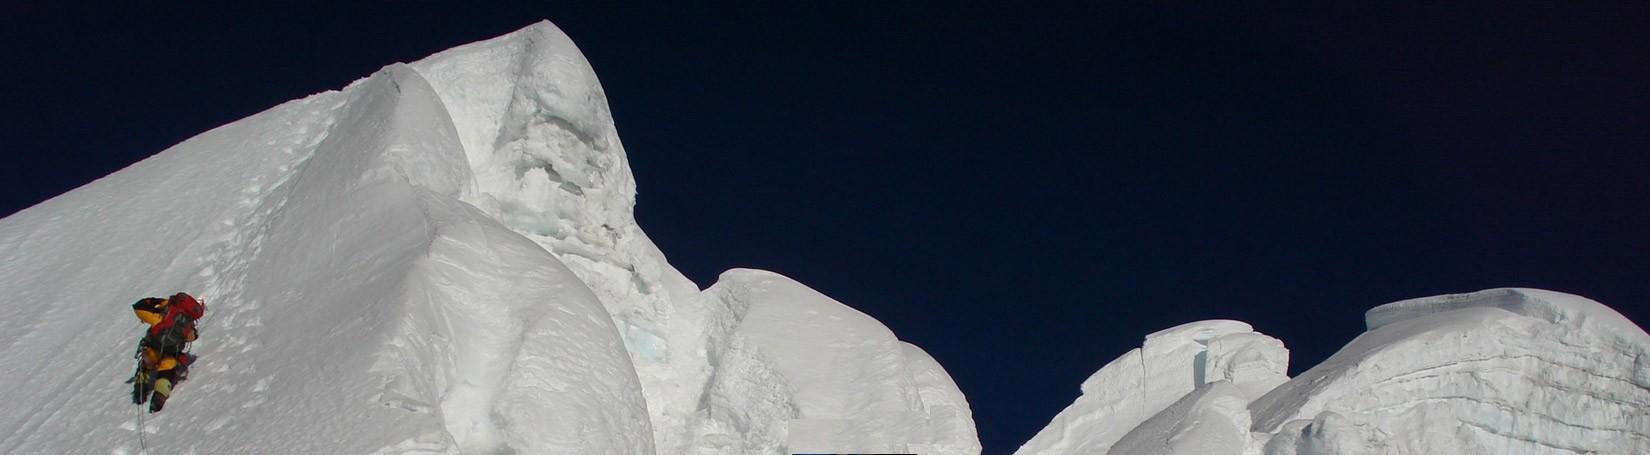 Yala Peak Summit